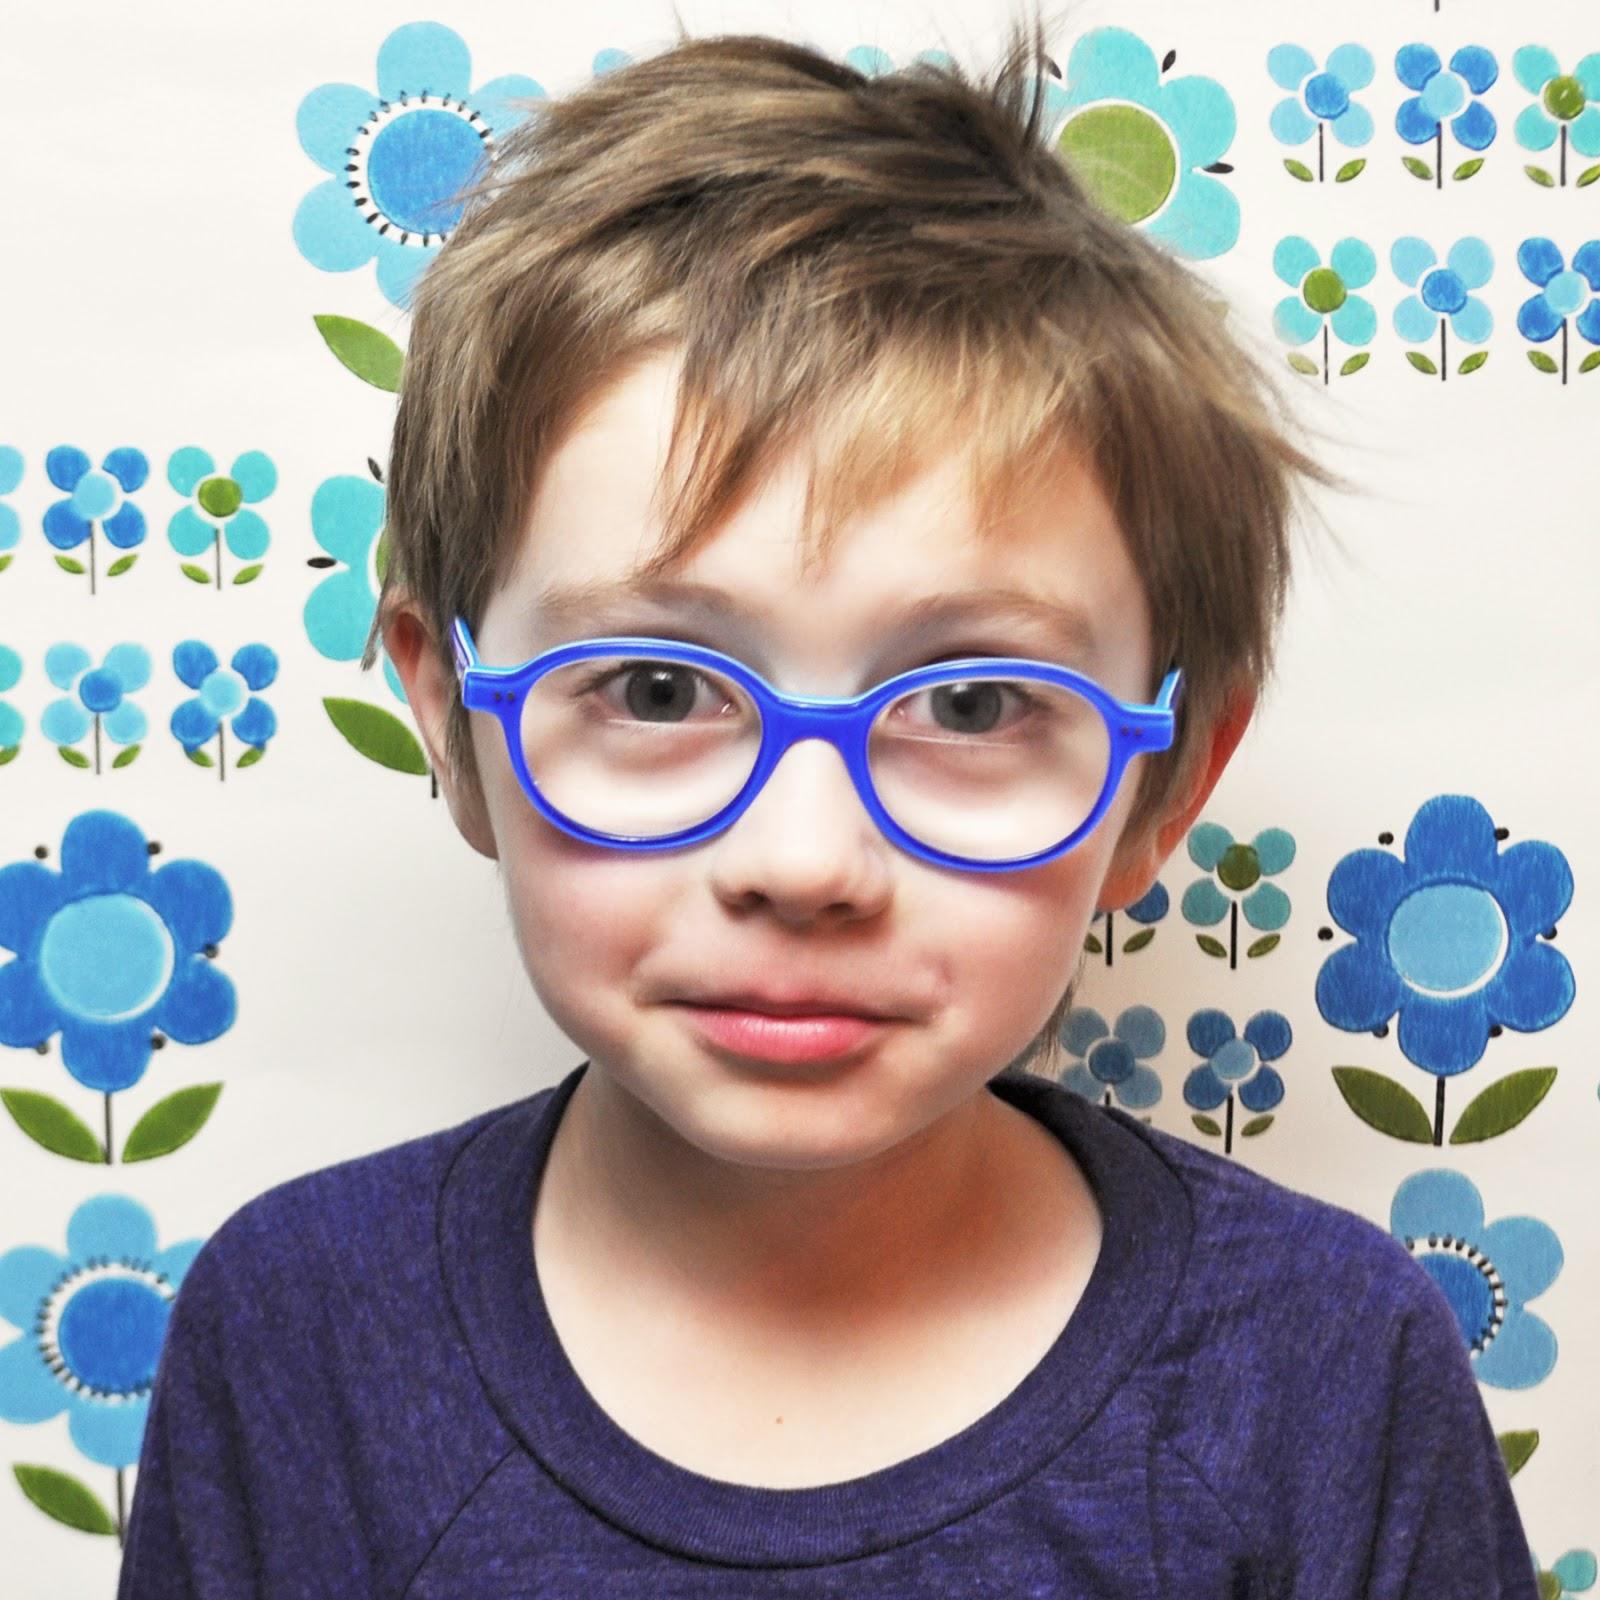 S+glasses+1+